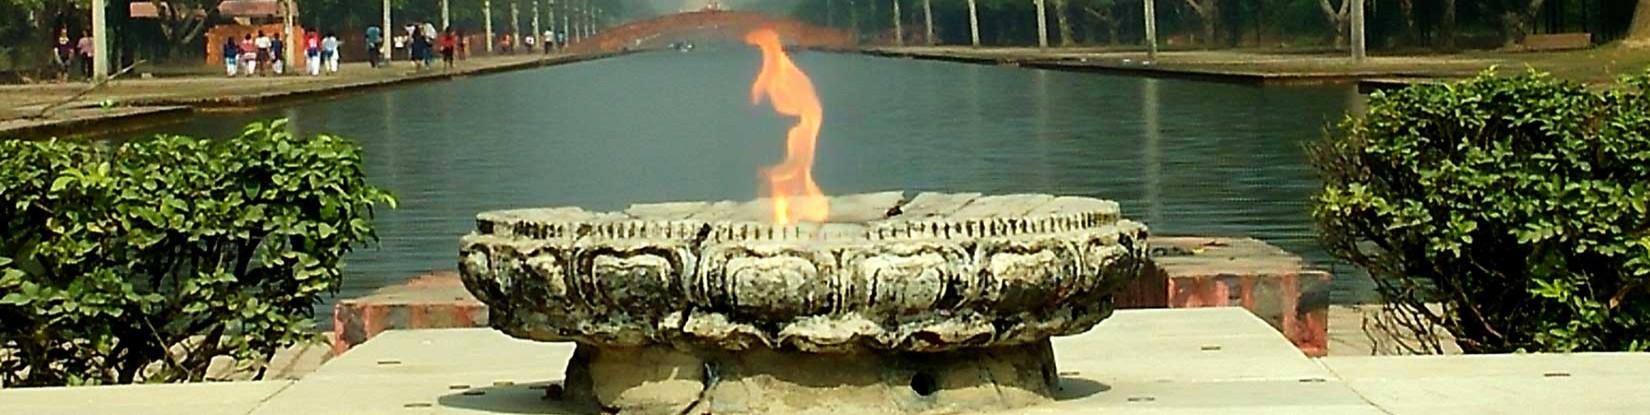 Nepal World Heritage Site - Lumbini